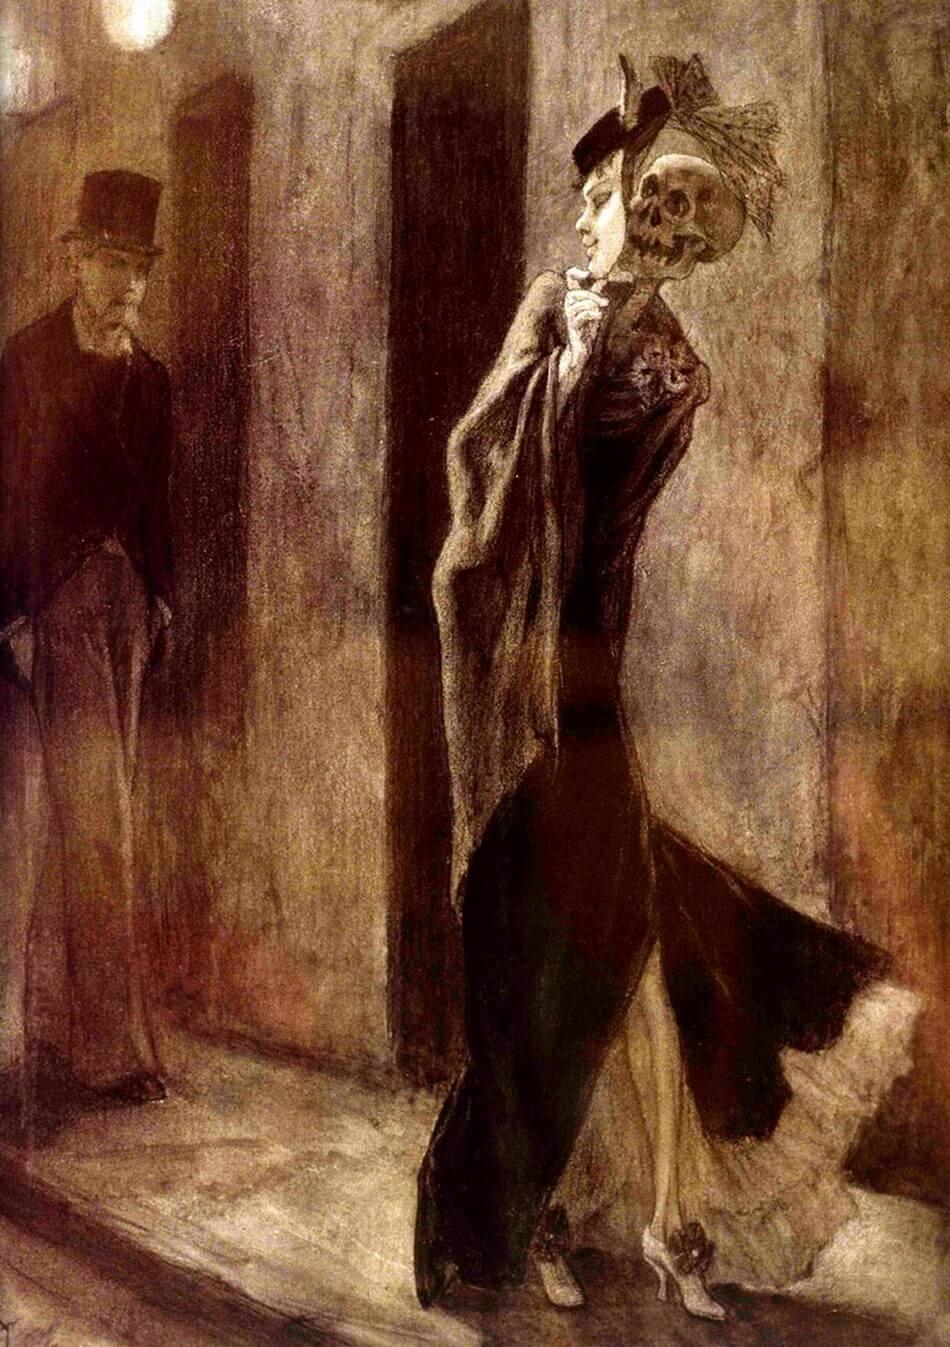 Charles Baudelaire, Brussel, La parodie humaine (1878) Musée provincial de Namur Félicien Rops (1833-1898). Franse literaire teksten Vertalingen Vivienne Stringa.